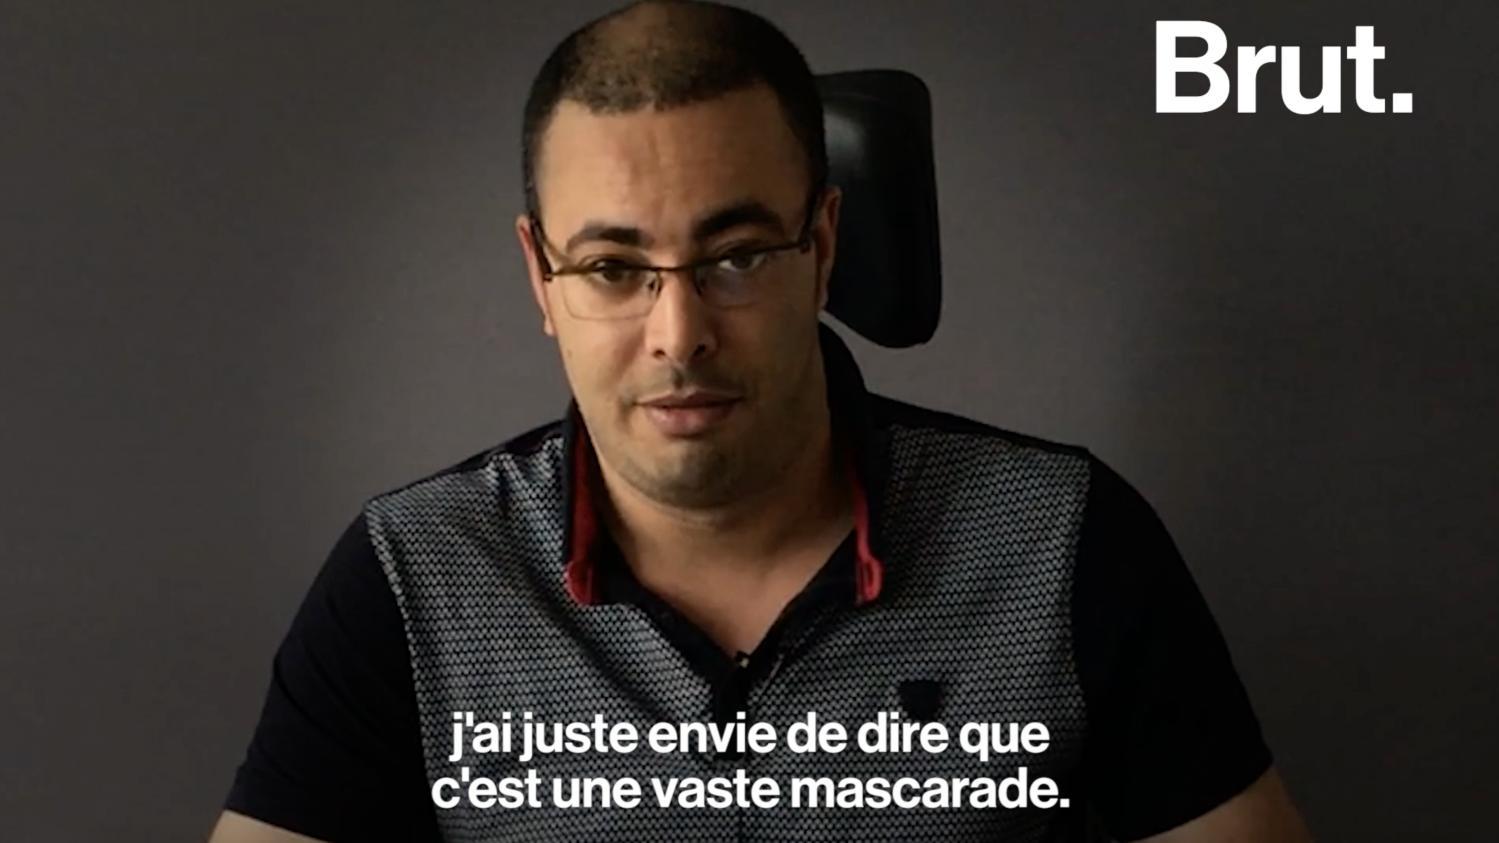 """VIDEO. Loi Elan : handicapé, Khaled dénonce """"un pas de géant vers l'exclusion"""""""